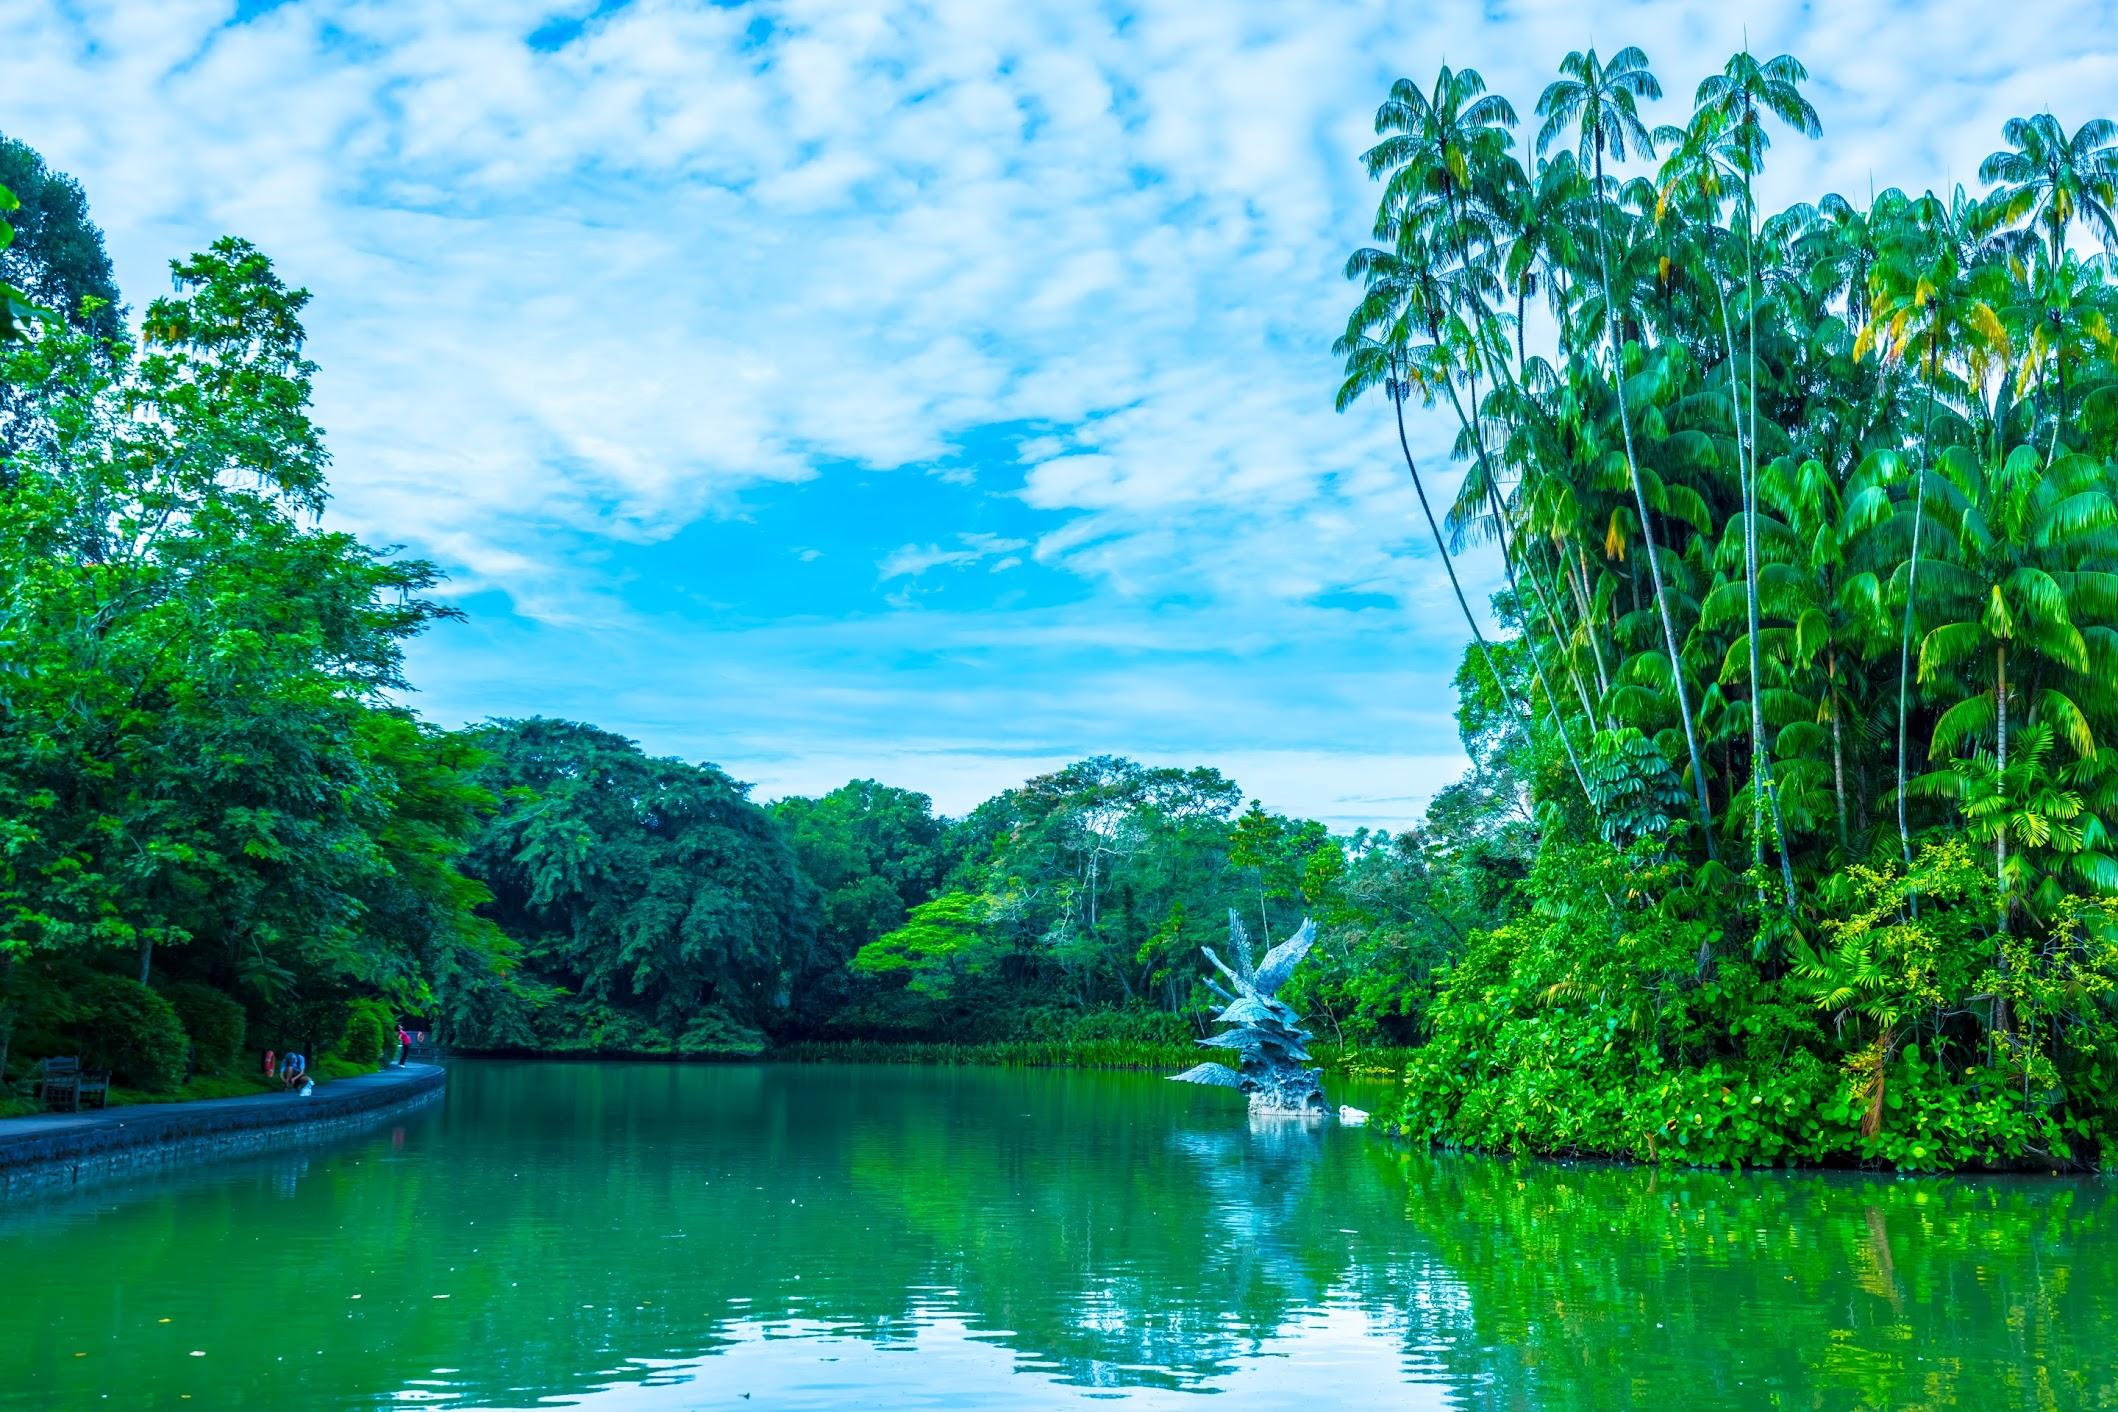 Singapore Botanic Gardens Swan Lake1